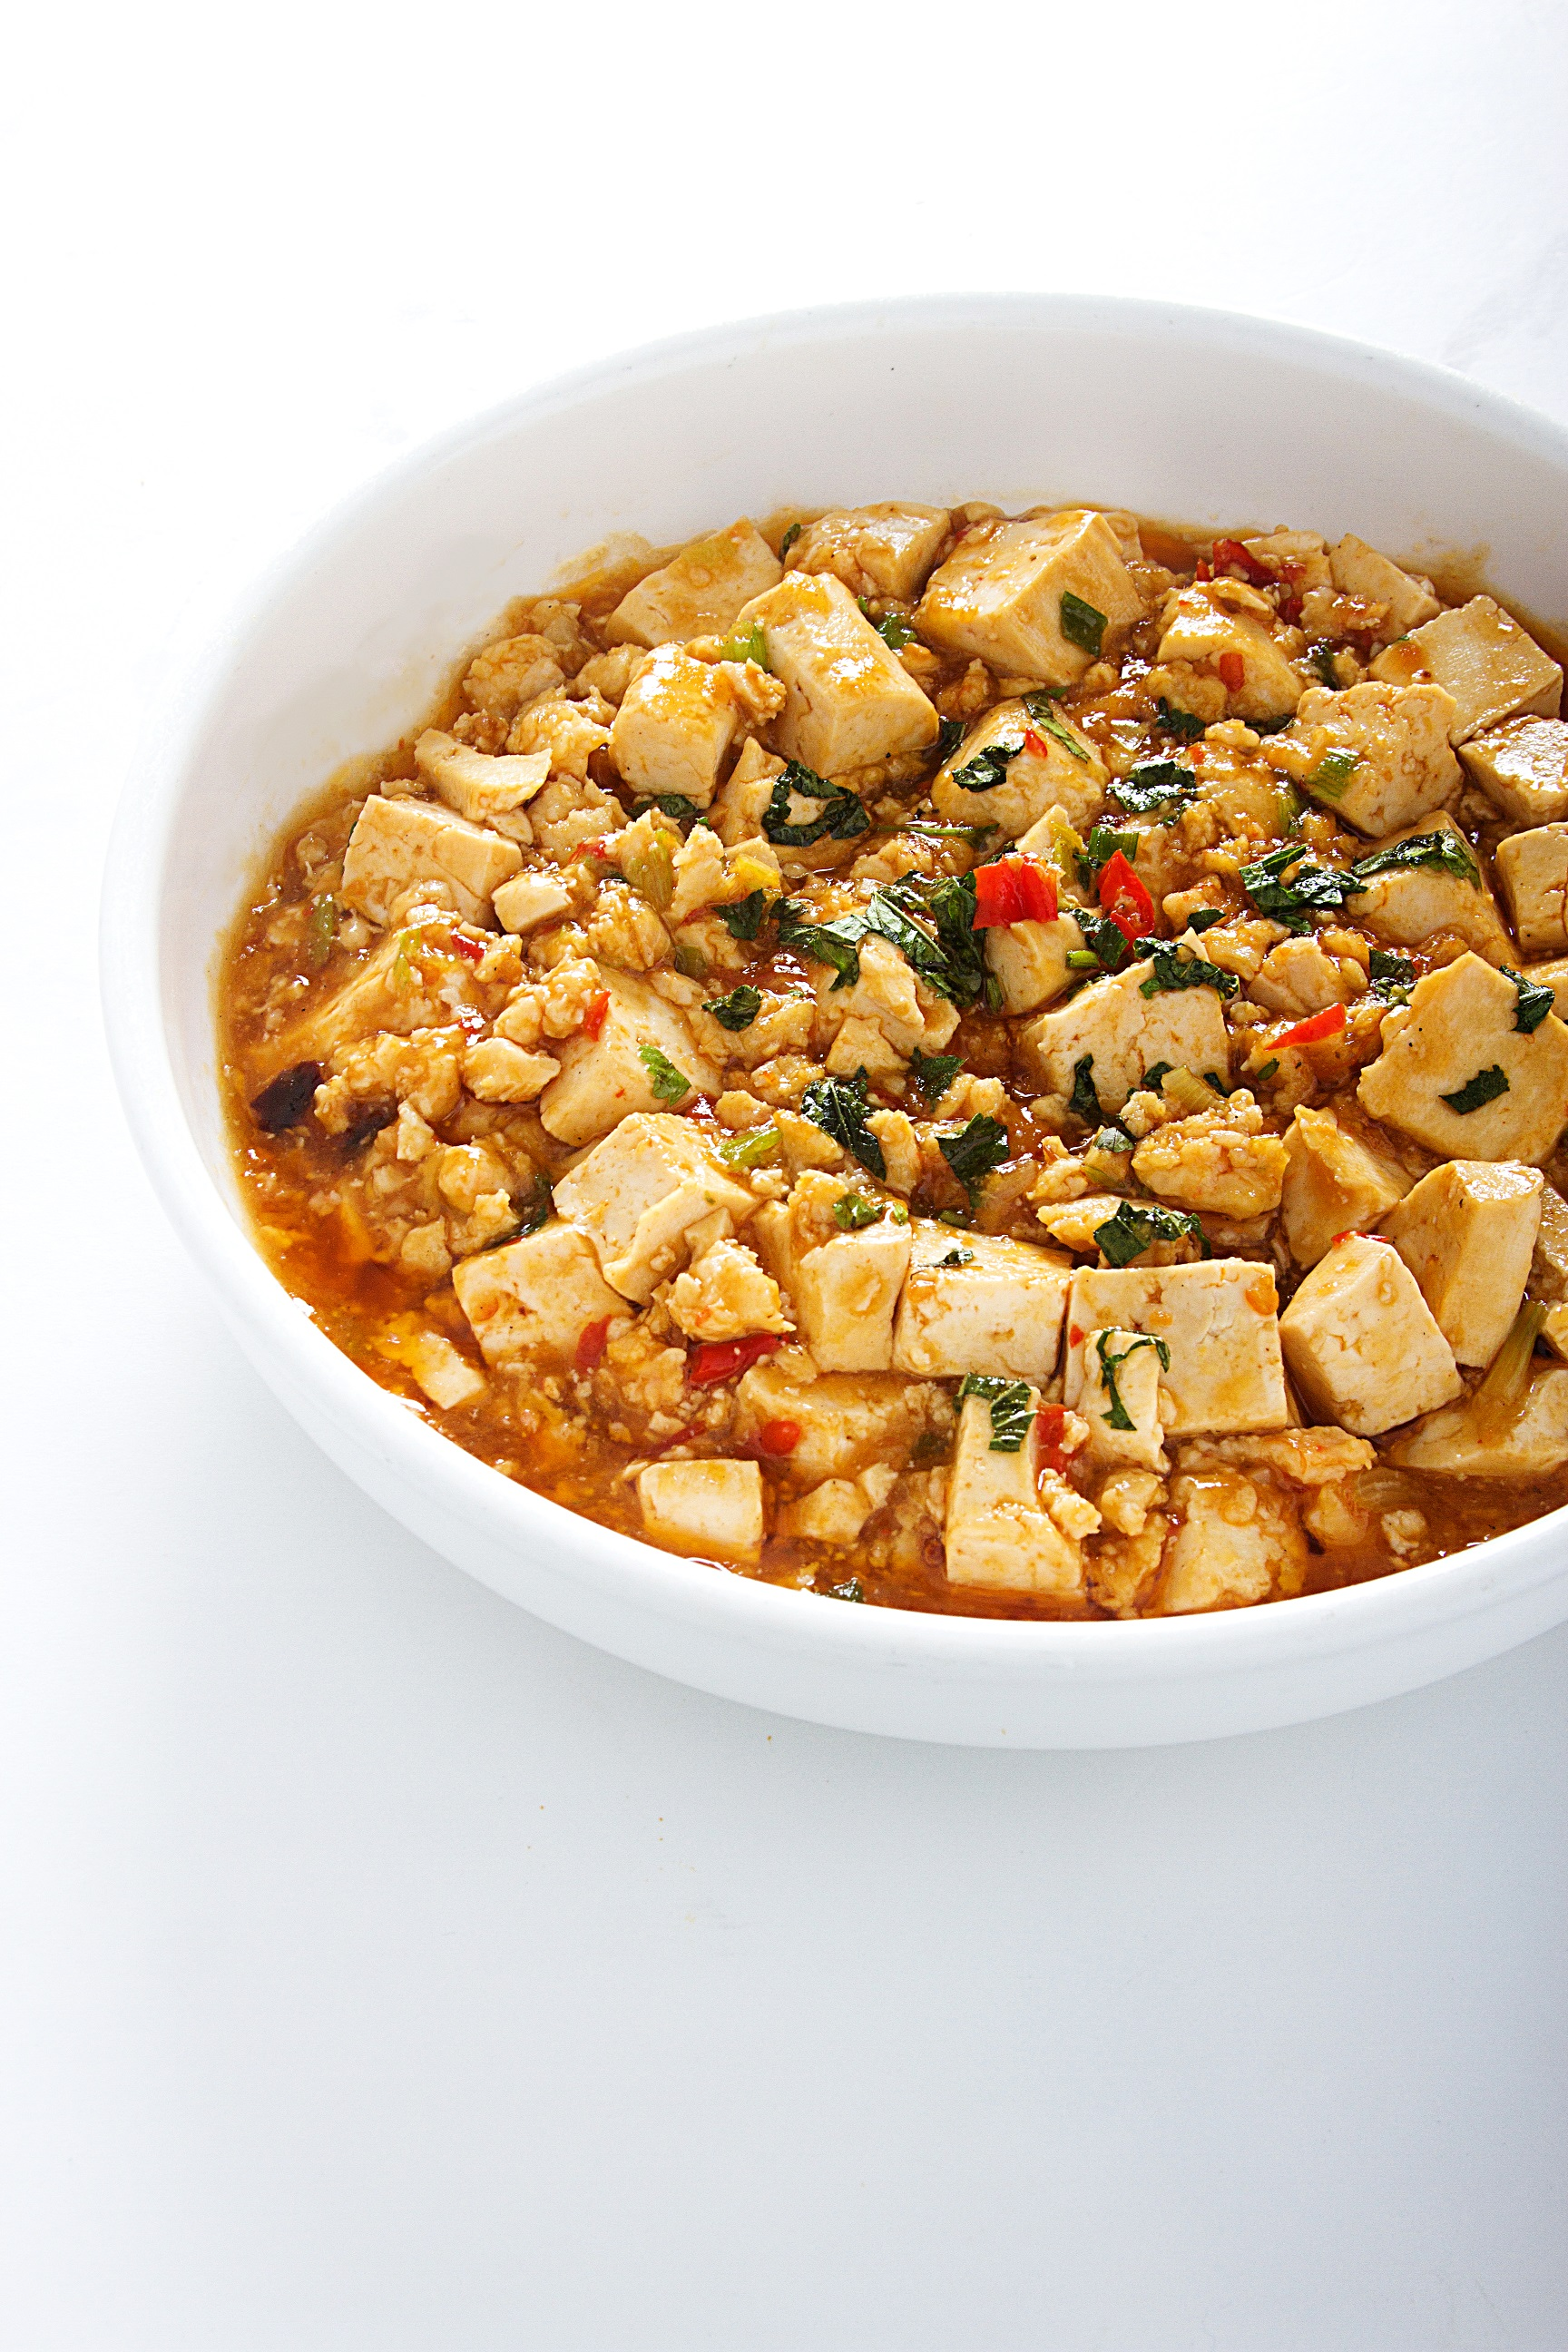 Tofu con carne con un toque picante.